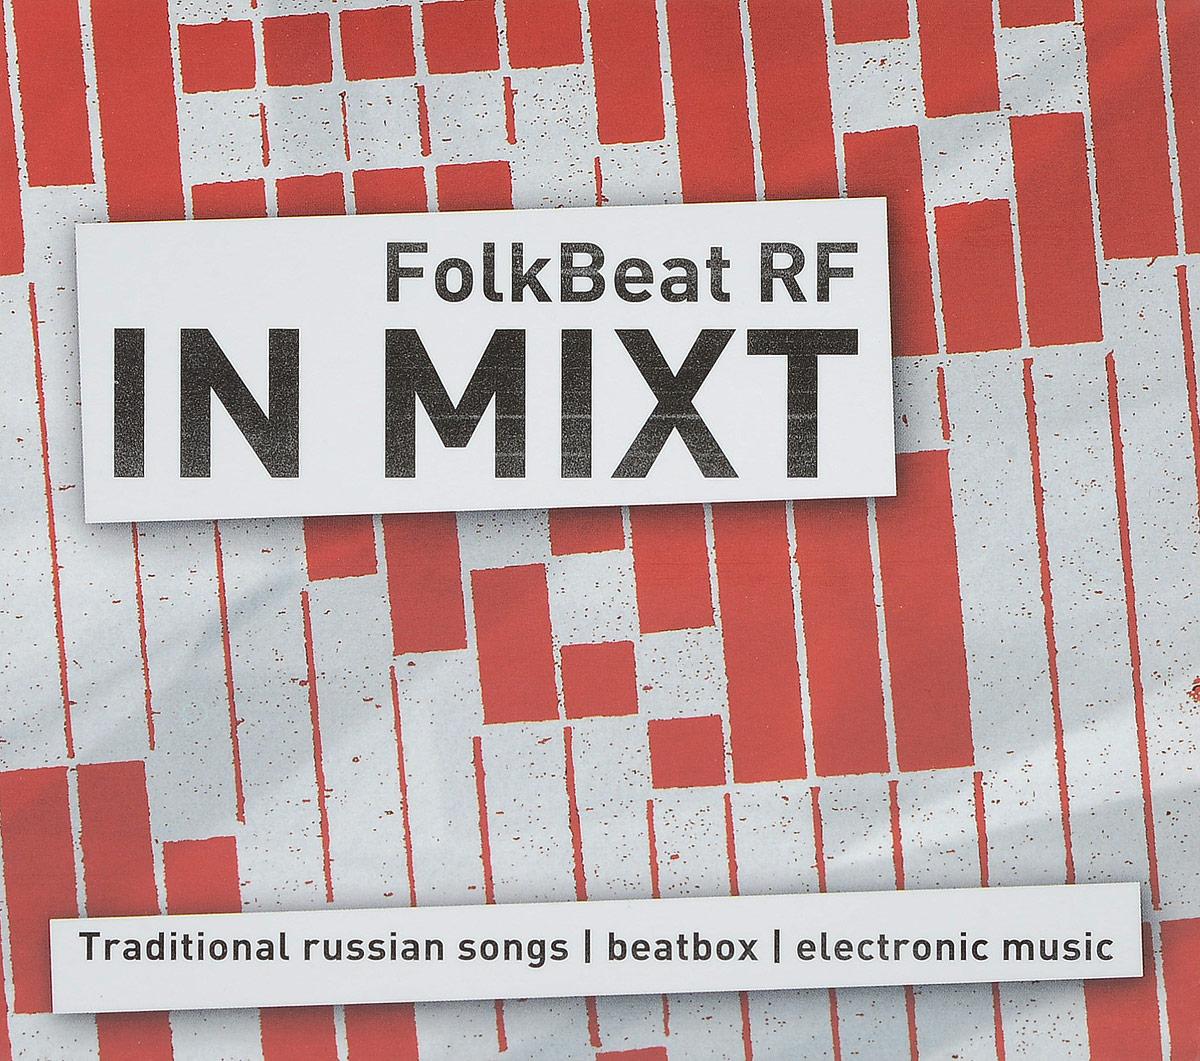 FolkBeat RF - это традиционное славянское многоголосие, окруженное электронной аранжировкой, близкой к стилям IDM, trip-hop, dubstep, hip-hop, trance, и живым грувом, который создает Beatbox. В альбоме «IN MIXT» представлены песни разных времен и разных регионов России, древние и современные, фольклорные и авторские произведения группы FolkBeat RF.